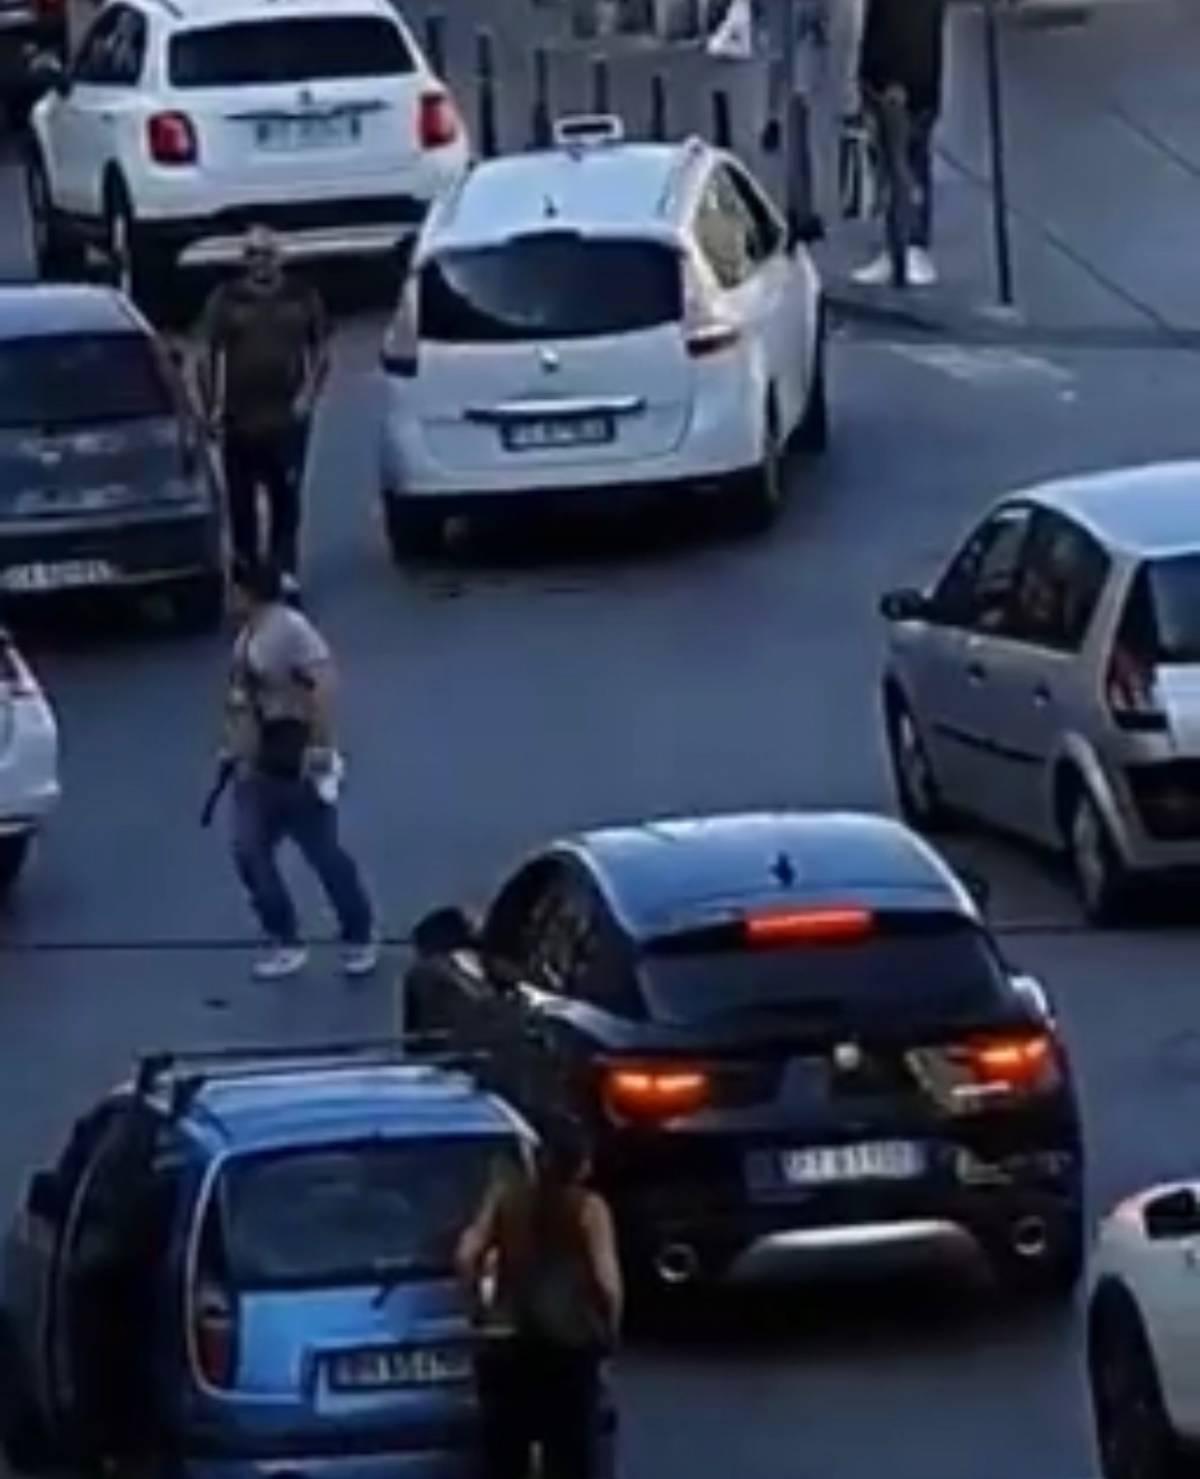 Napoli, rissa tra automobilisti in Corso Lucci: taxi preso a sprangate